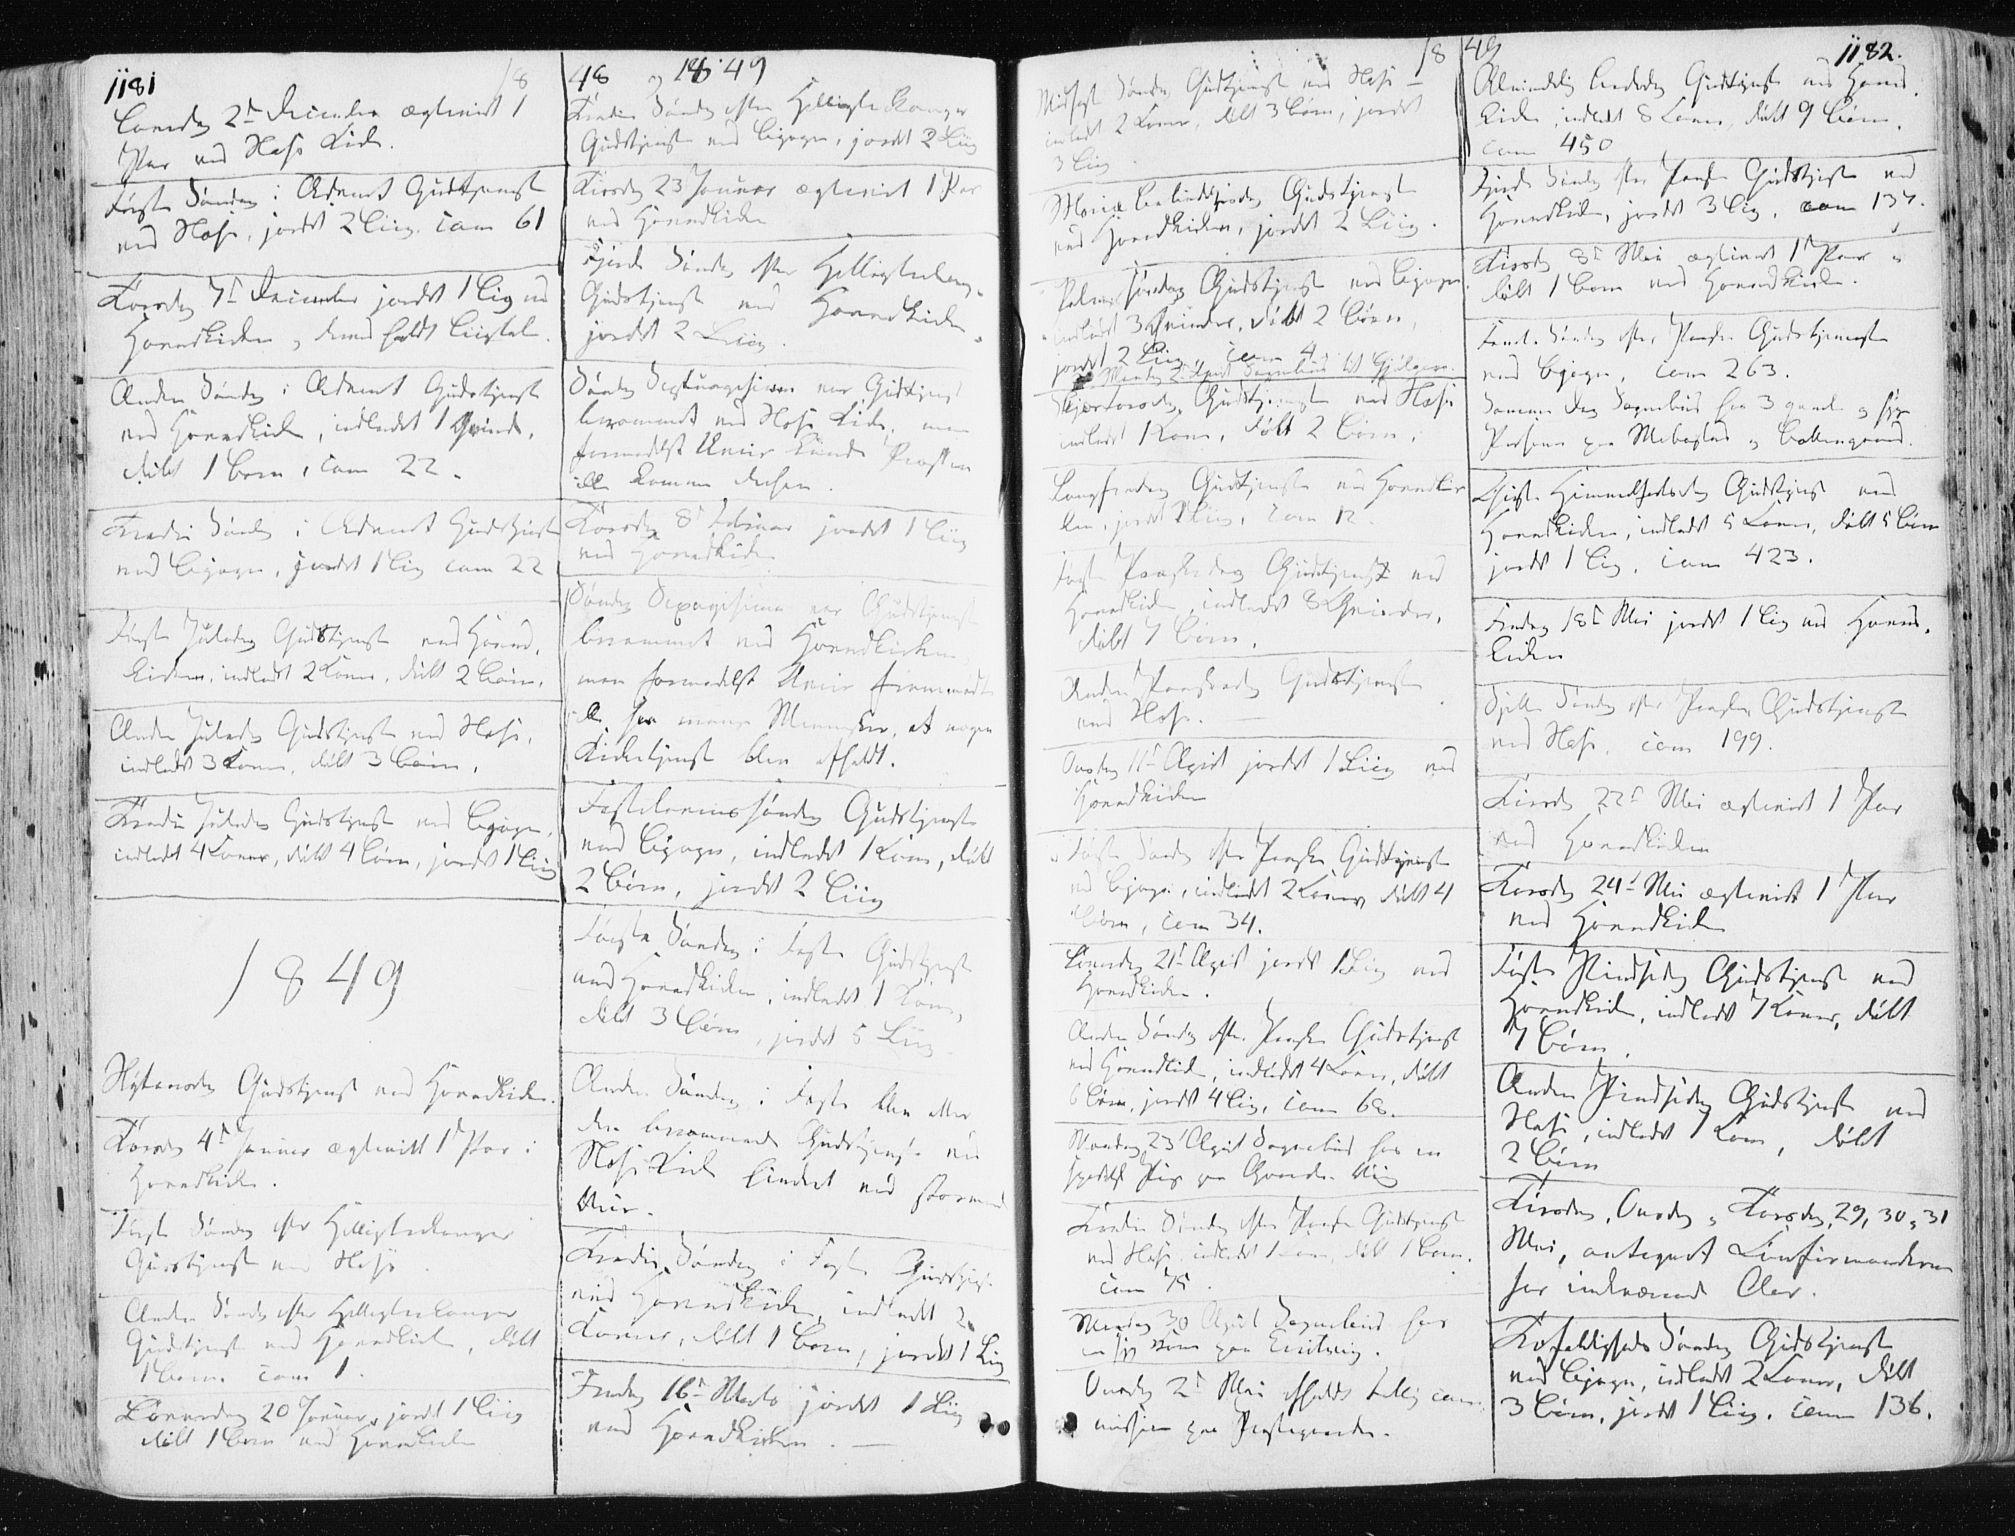 SAT, Ministerialprotokoller, klokkerbøker og fødselsregistre - Sør-Trøndelag, 659/L0736: Ministerialbok nr. 659A06, 1842-1856, s. 1181-1182